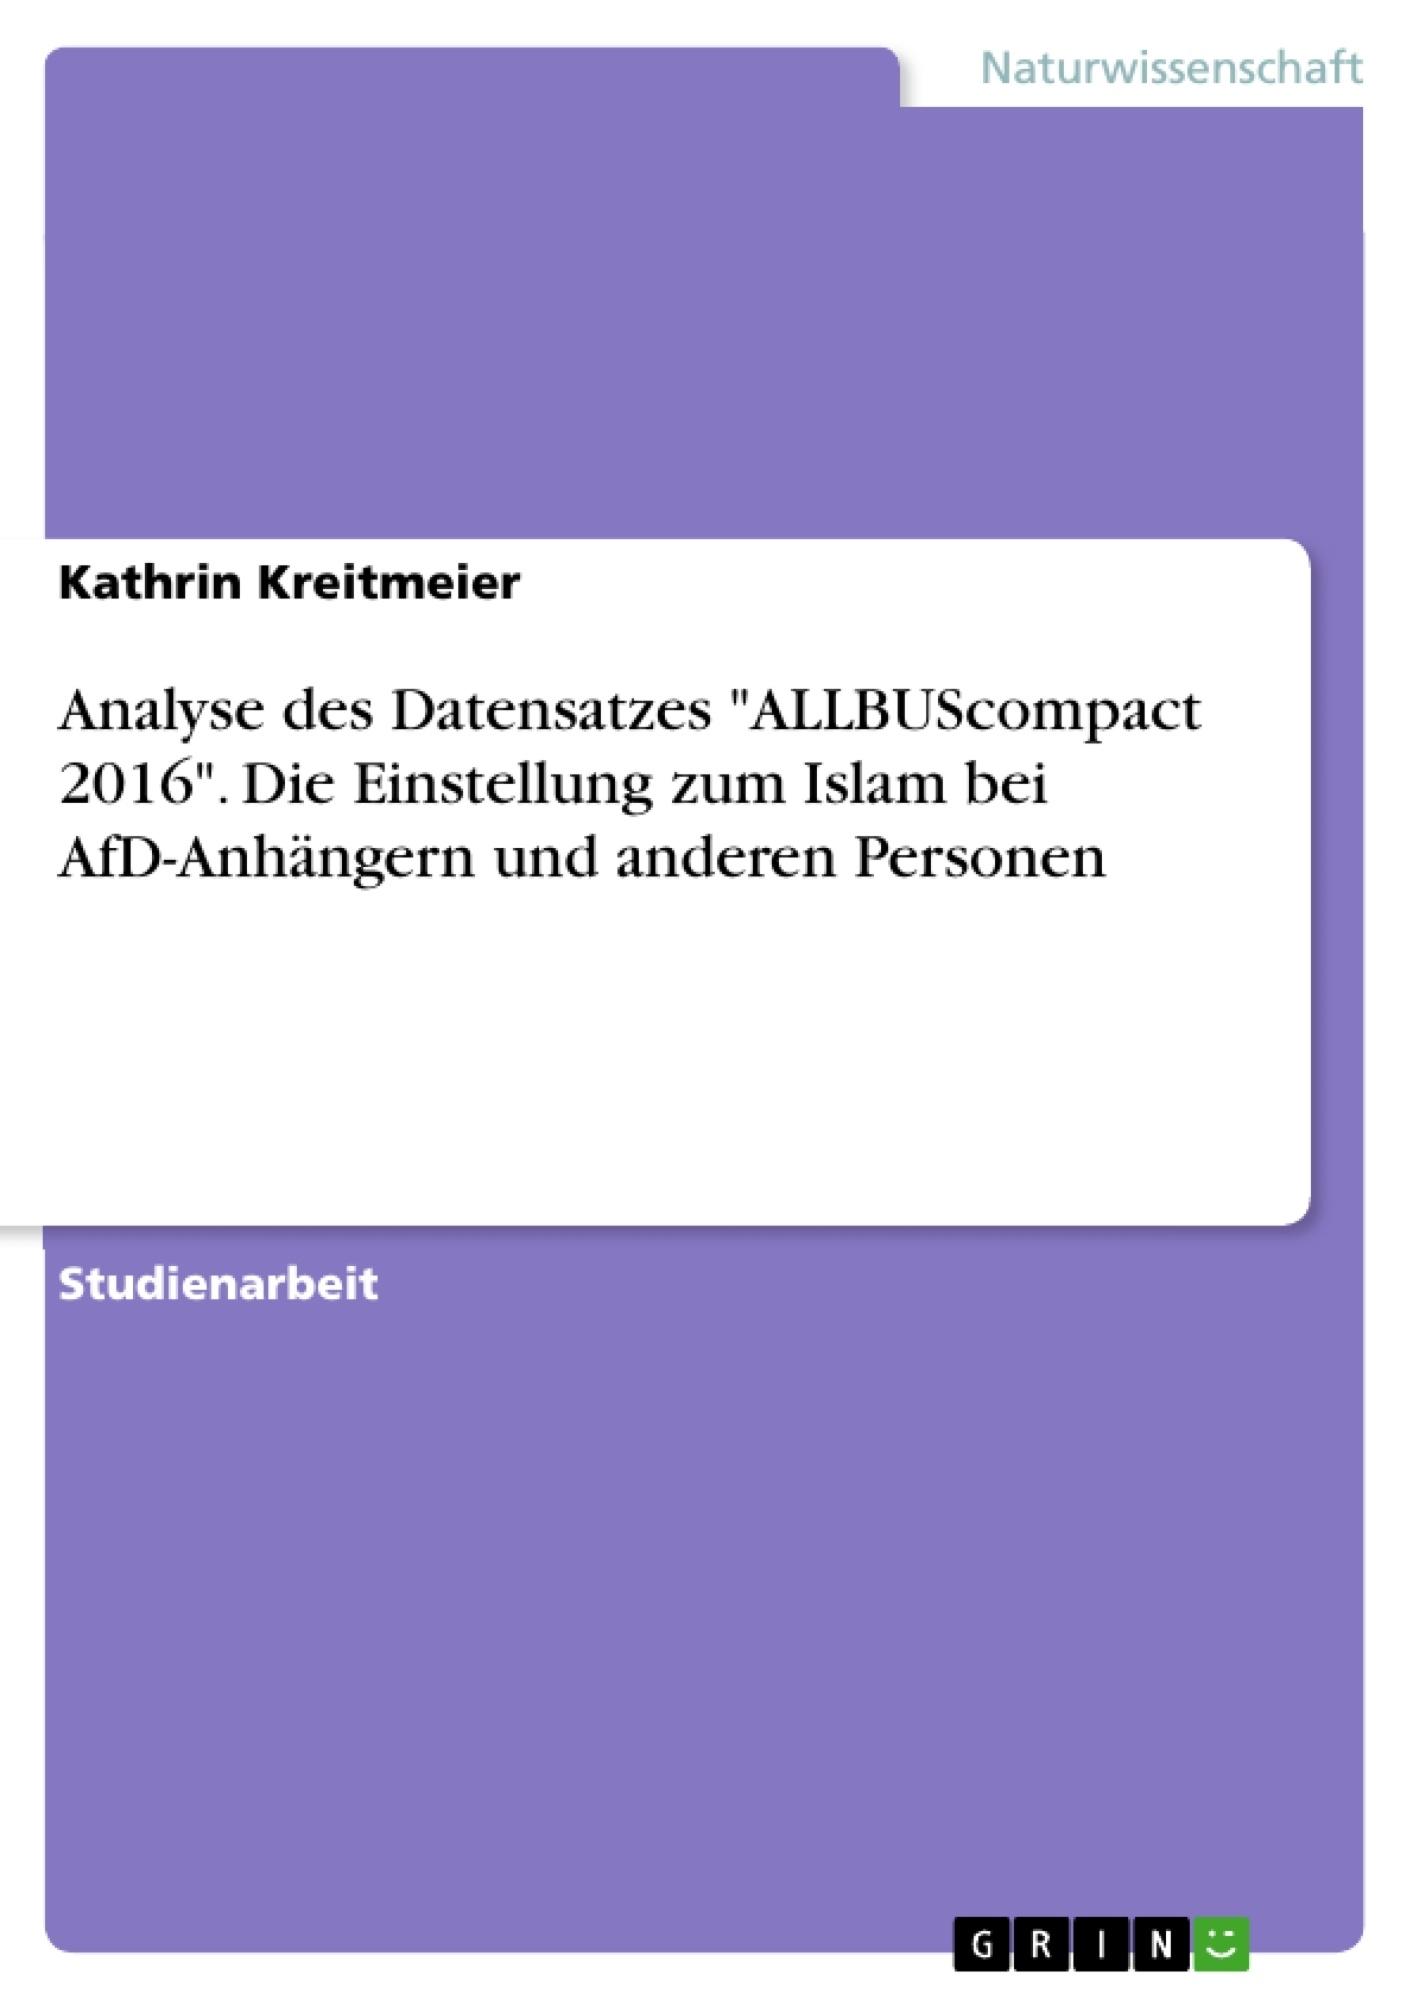 """Titel: Analyse des Datensatzes """"ALLBUScompact 2016"""". Die Einstellung zum Islam bei AfD-Anhängern und anderen Personen"""